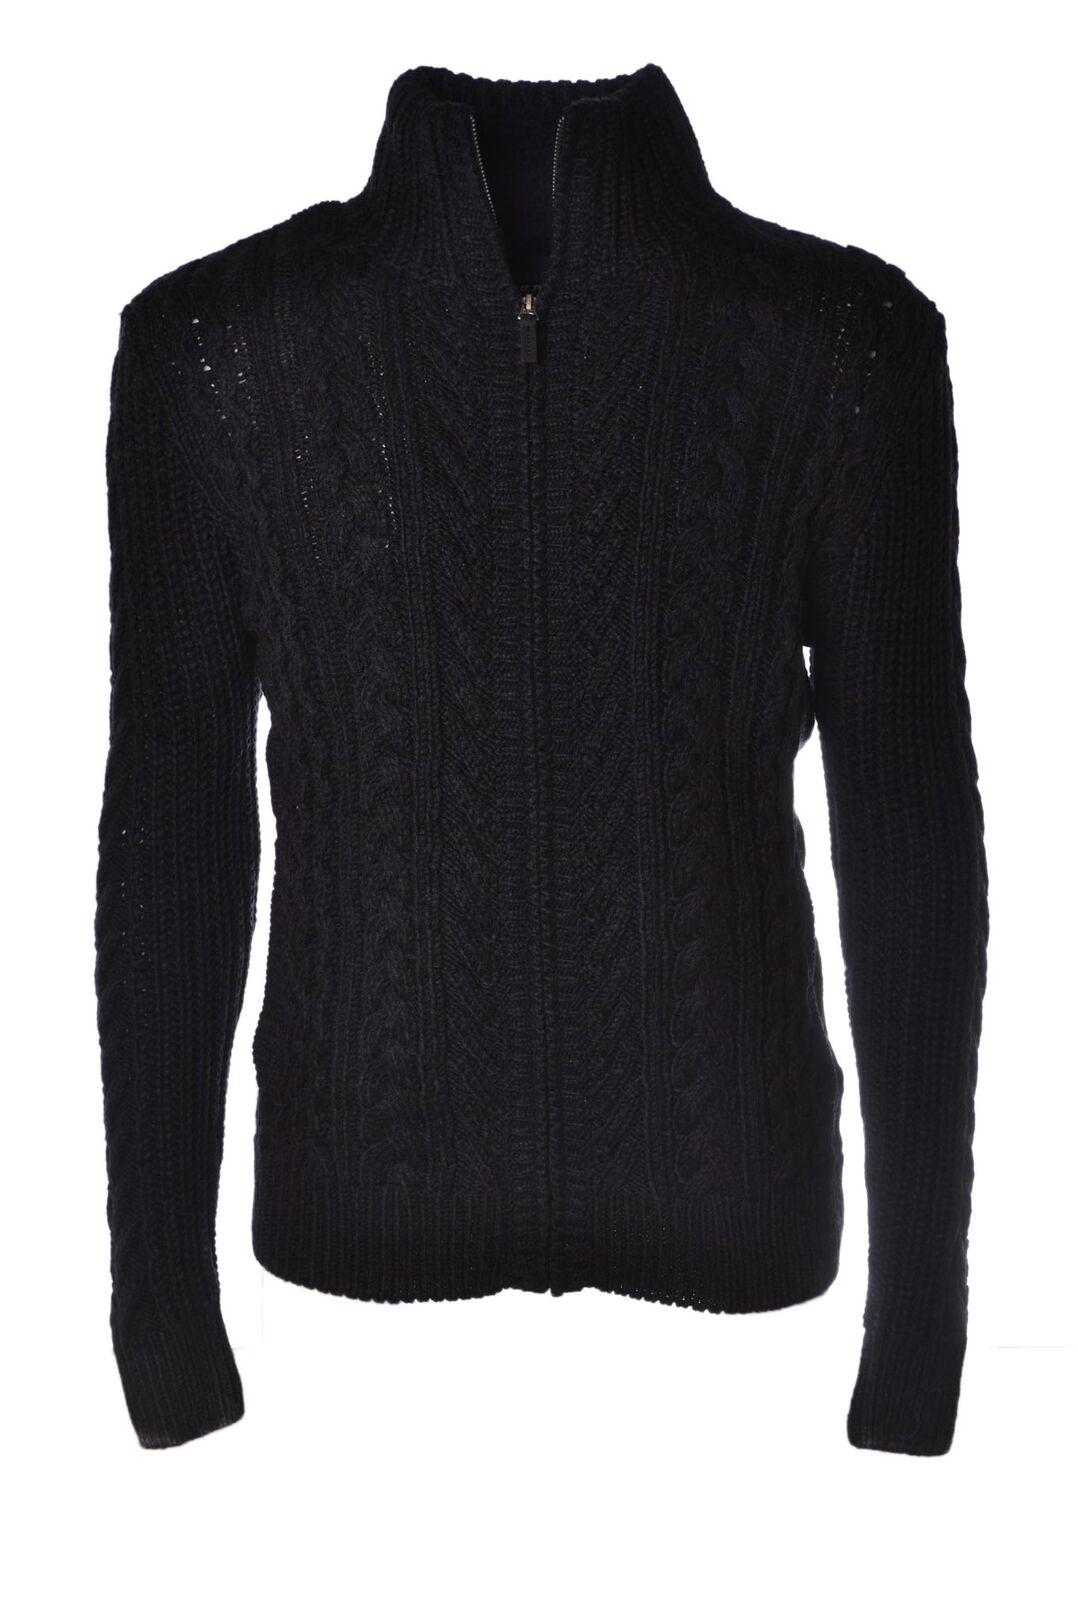 Superdry - Knitwear-Cardigan - Man - Blau - 4345117C185731